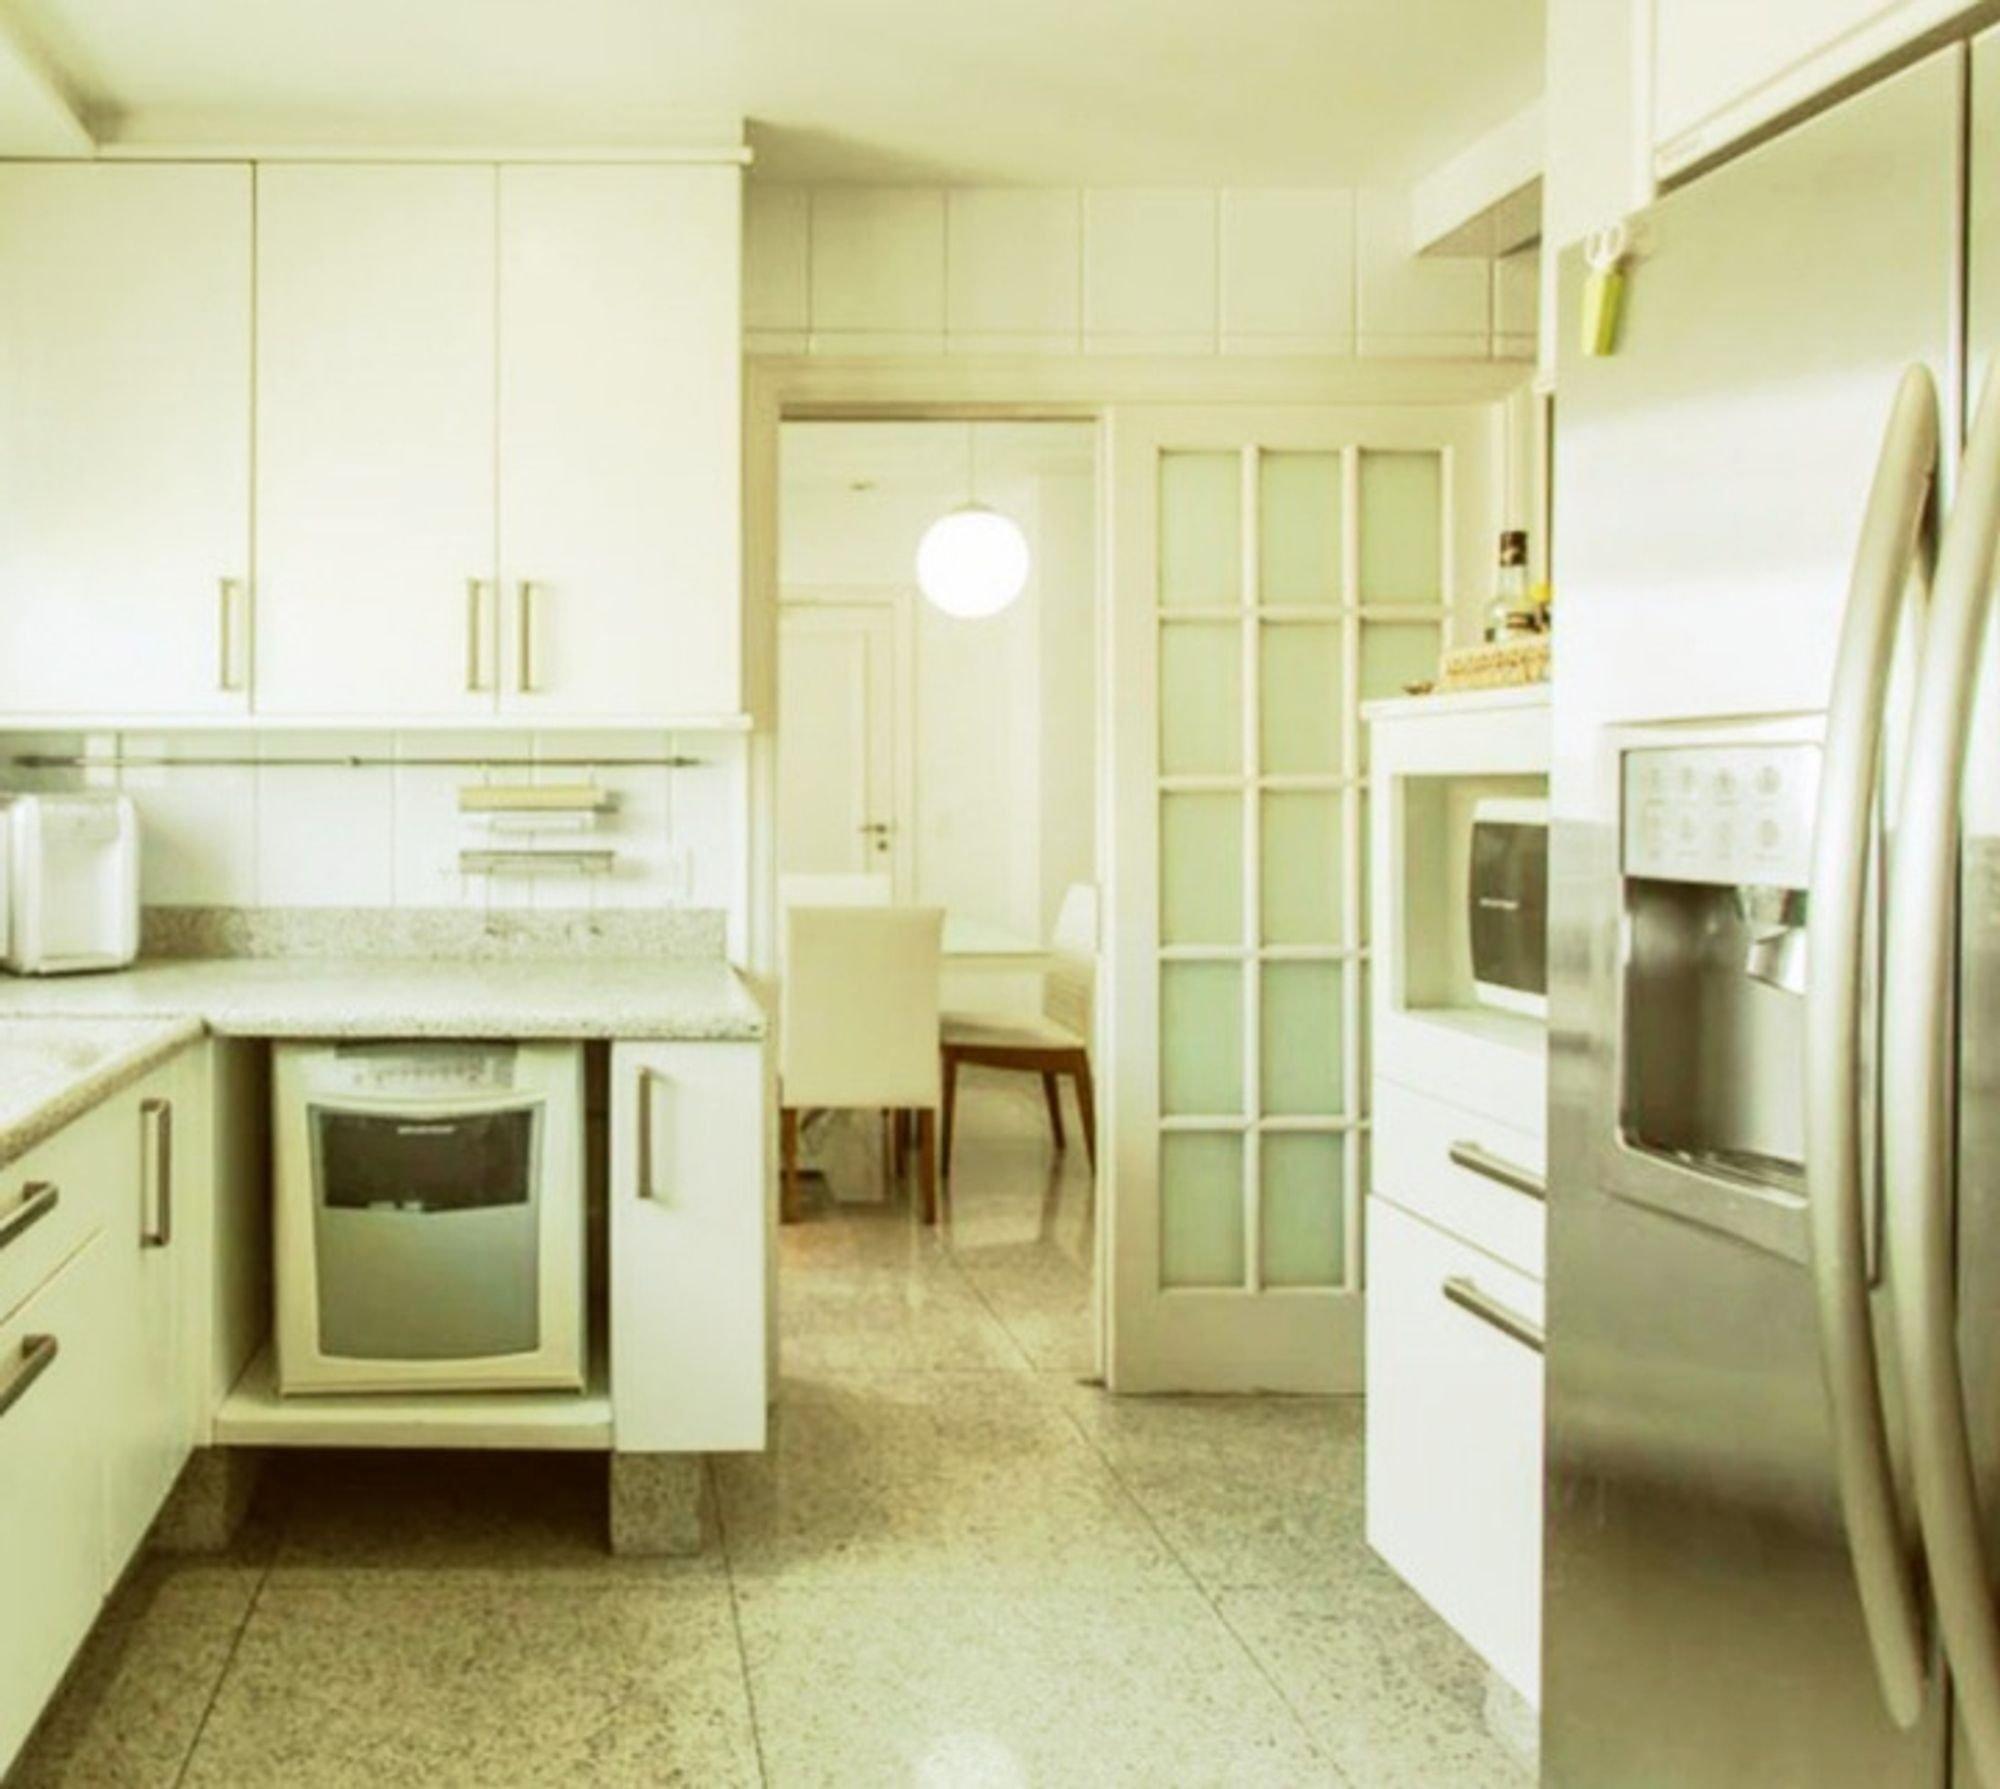 Foto de Cozinha com forno, geladeira, cadeira